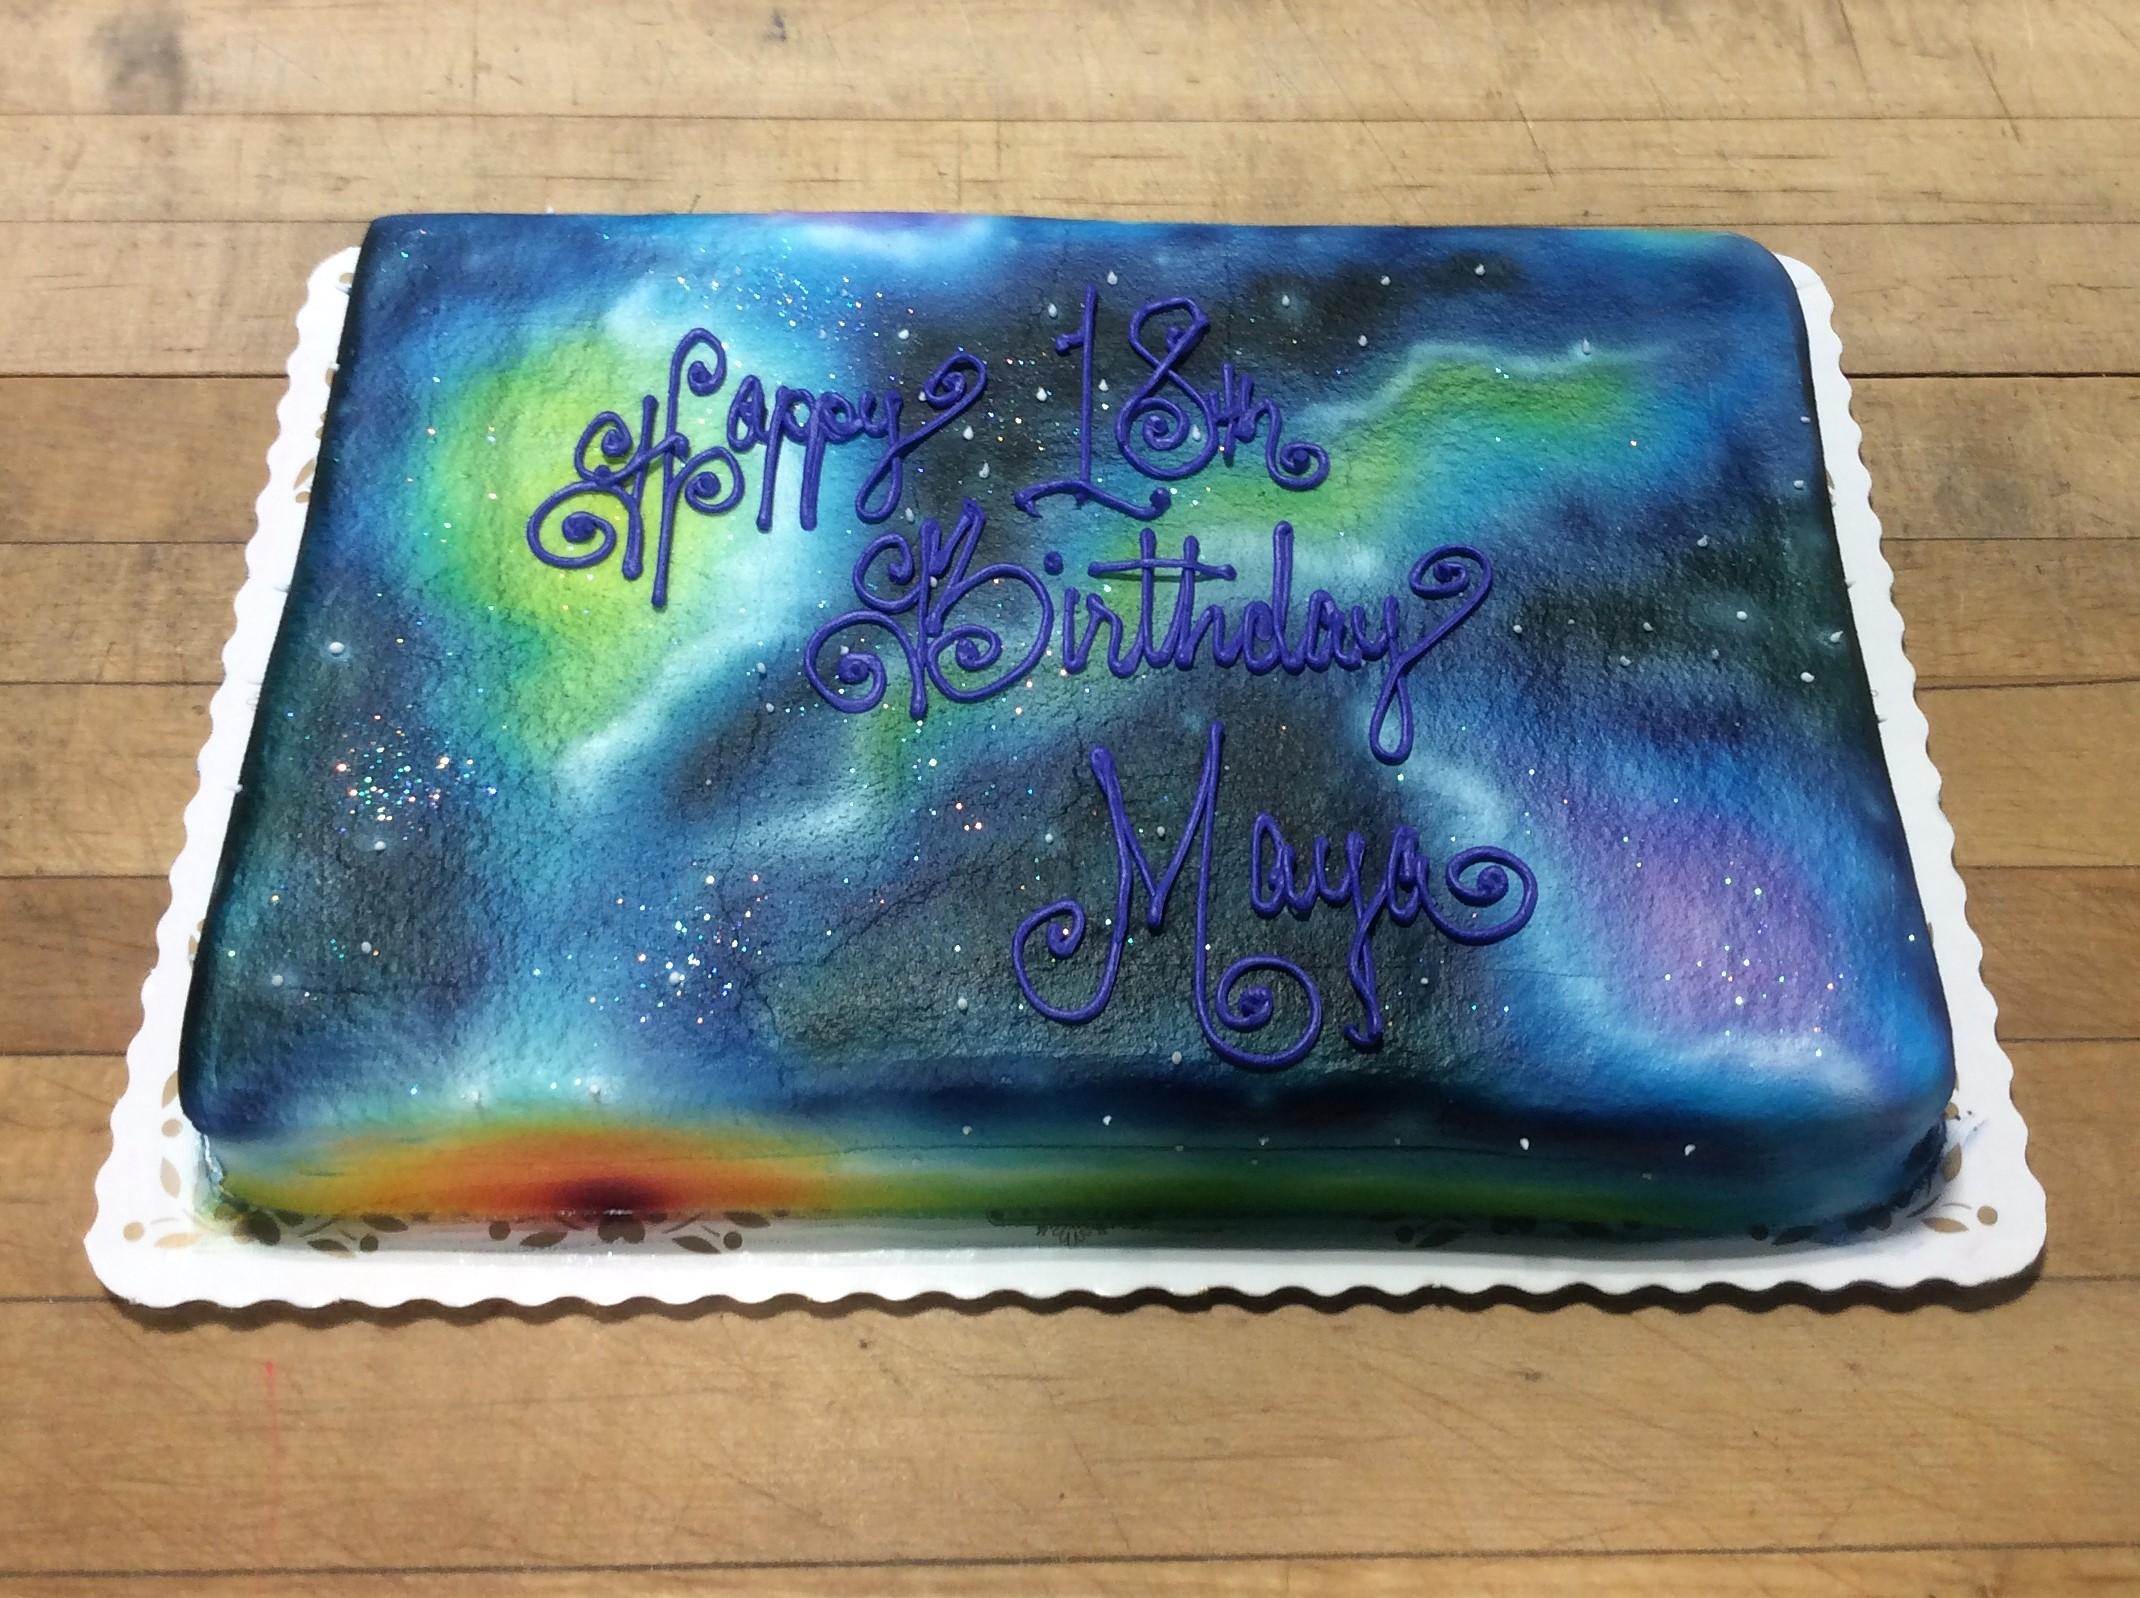 space sheet cake